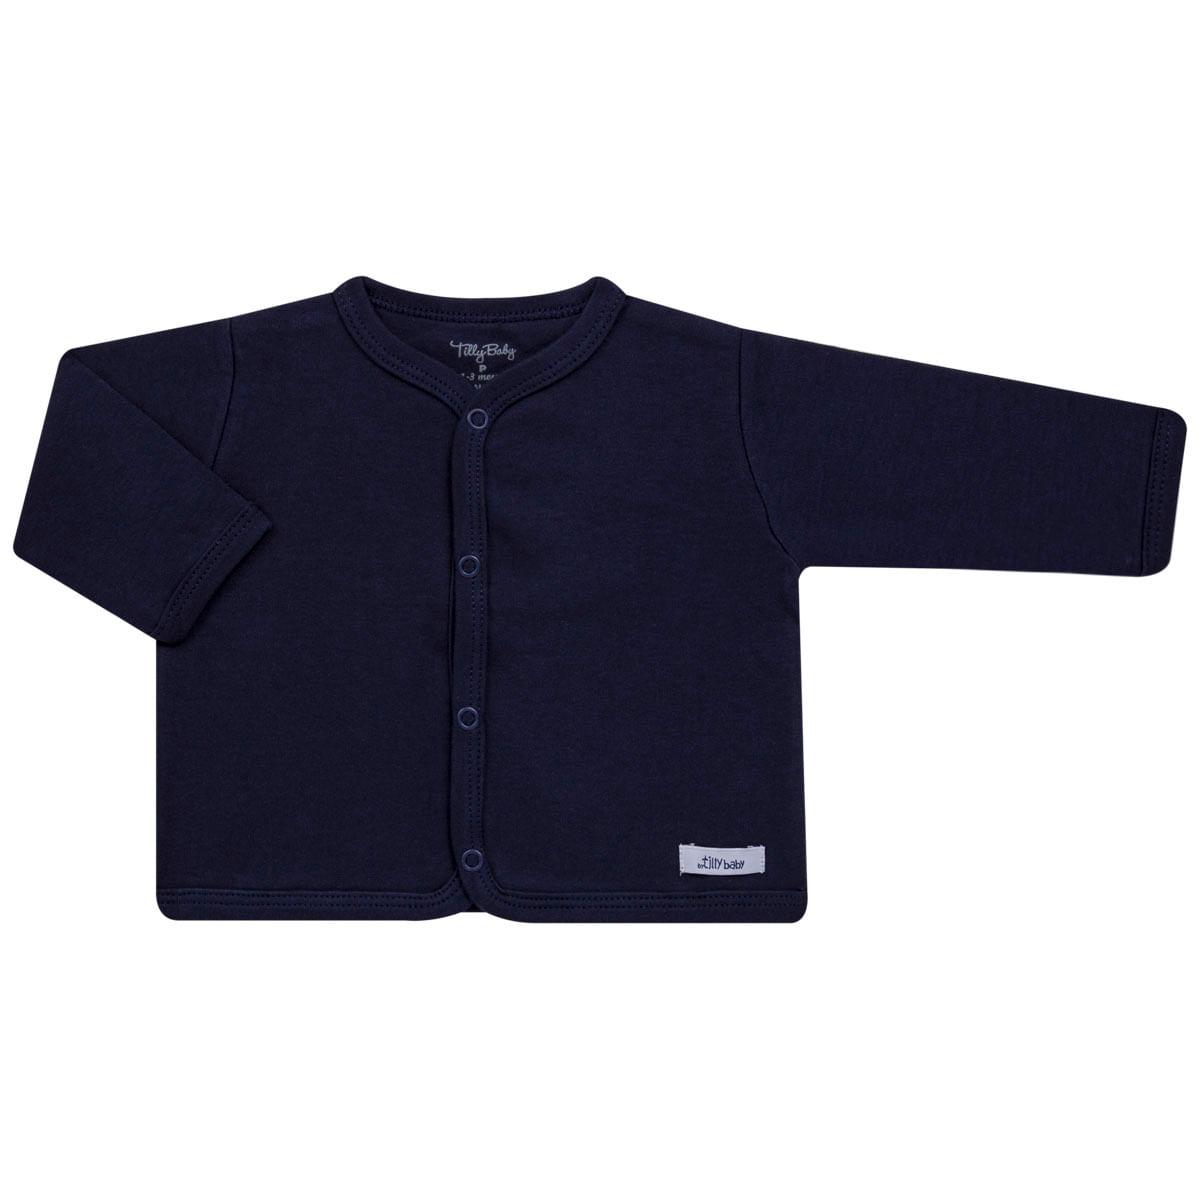 872c6caf1c Casaco para bebe em suedine Marinho Tilly Baby no Bebefacil a sua loja de  roupas e enxoval para bebês - bebefacil